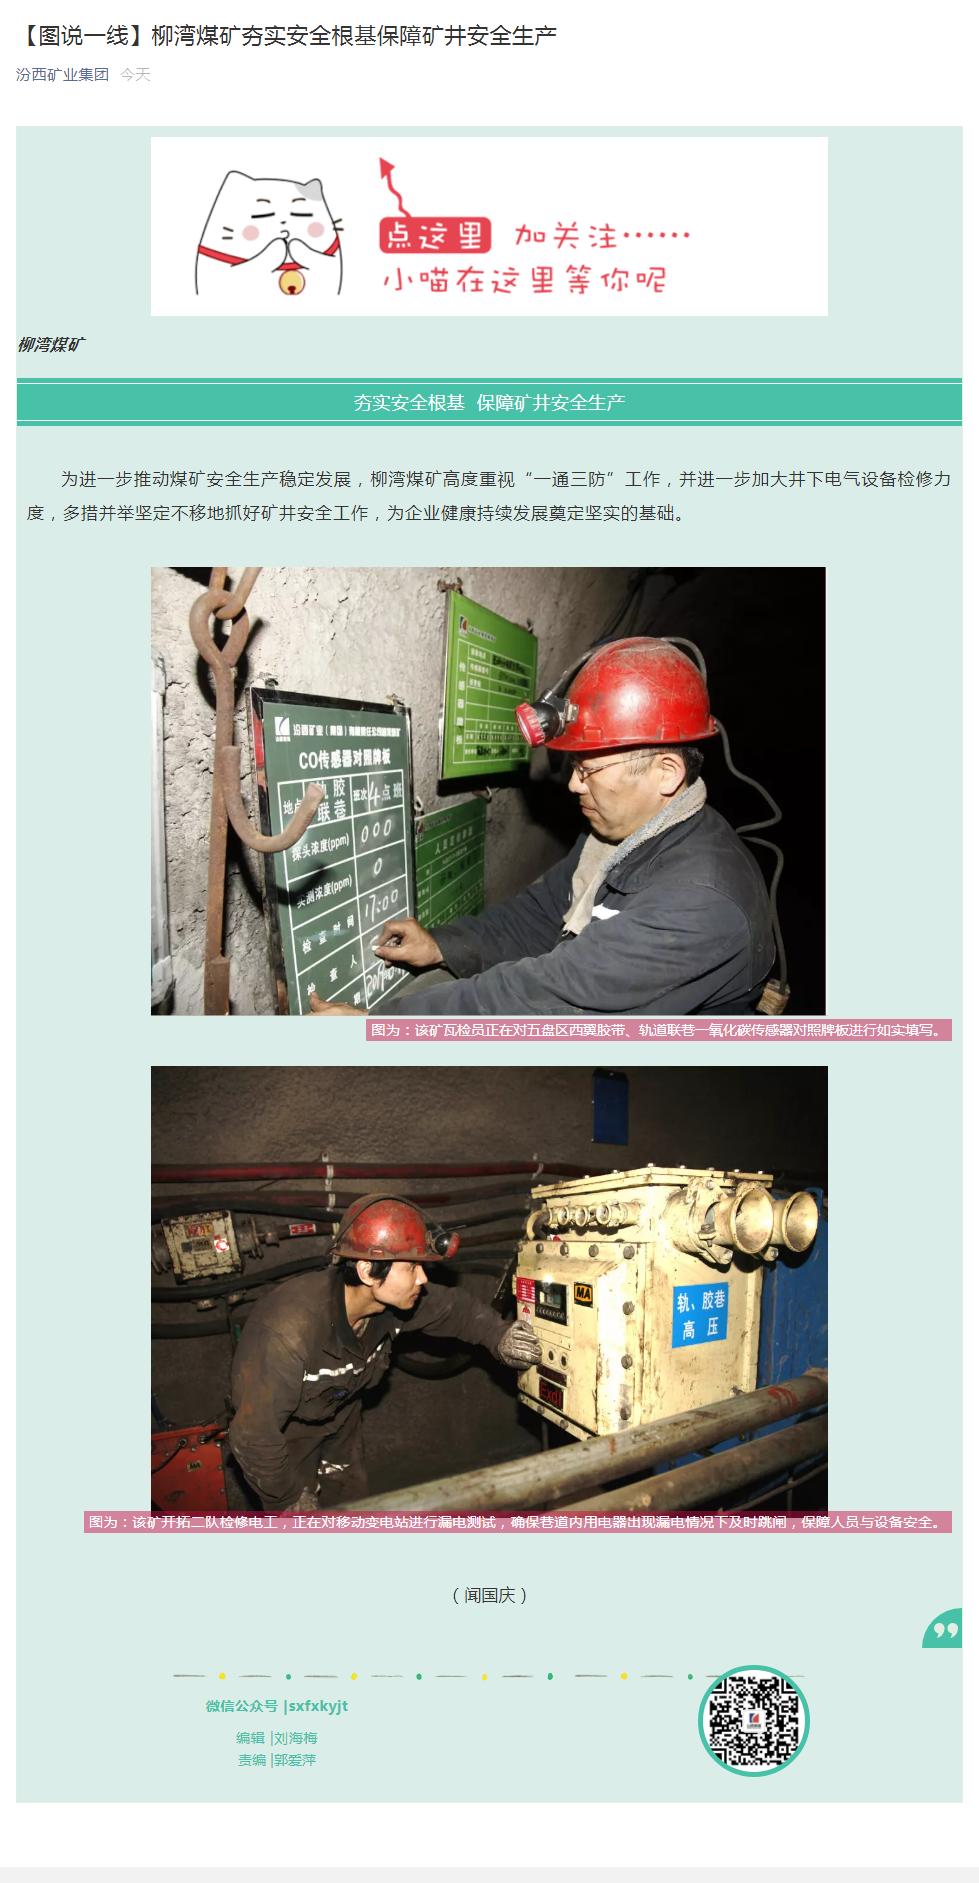 【圖說一線】柳灣煤礦夯實安全根基保障礦井安全生産.png